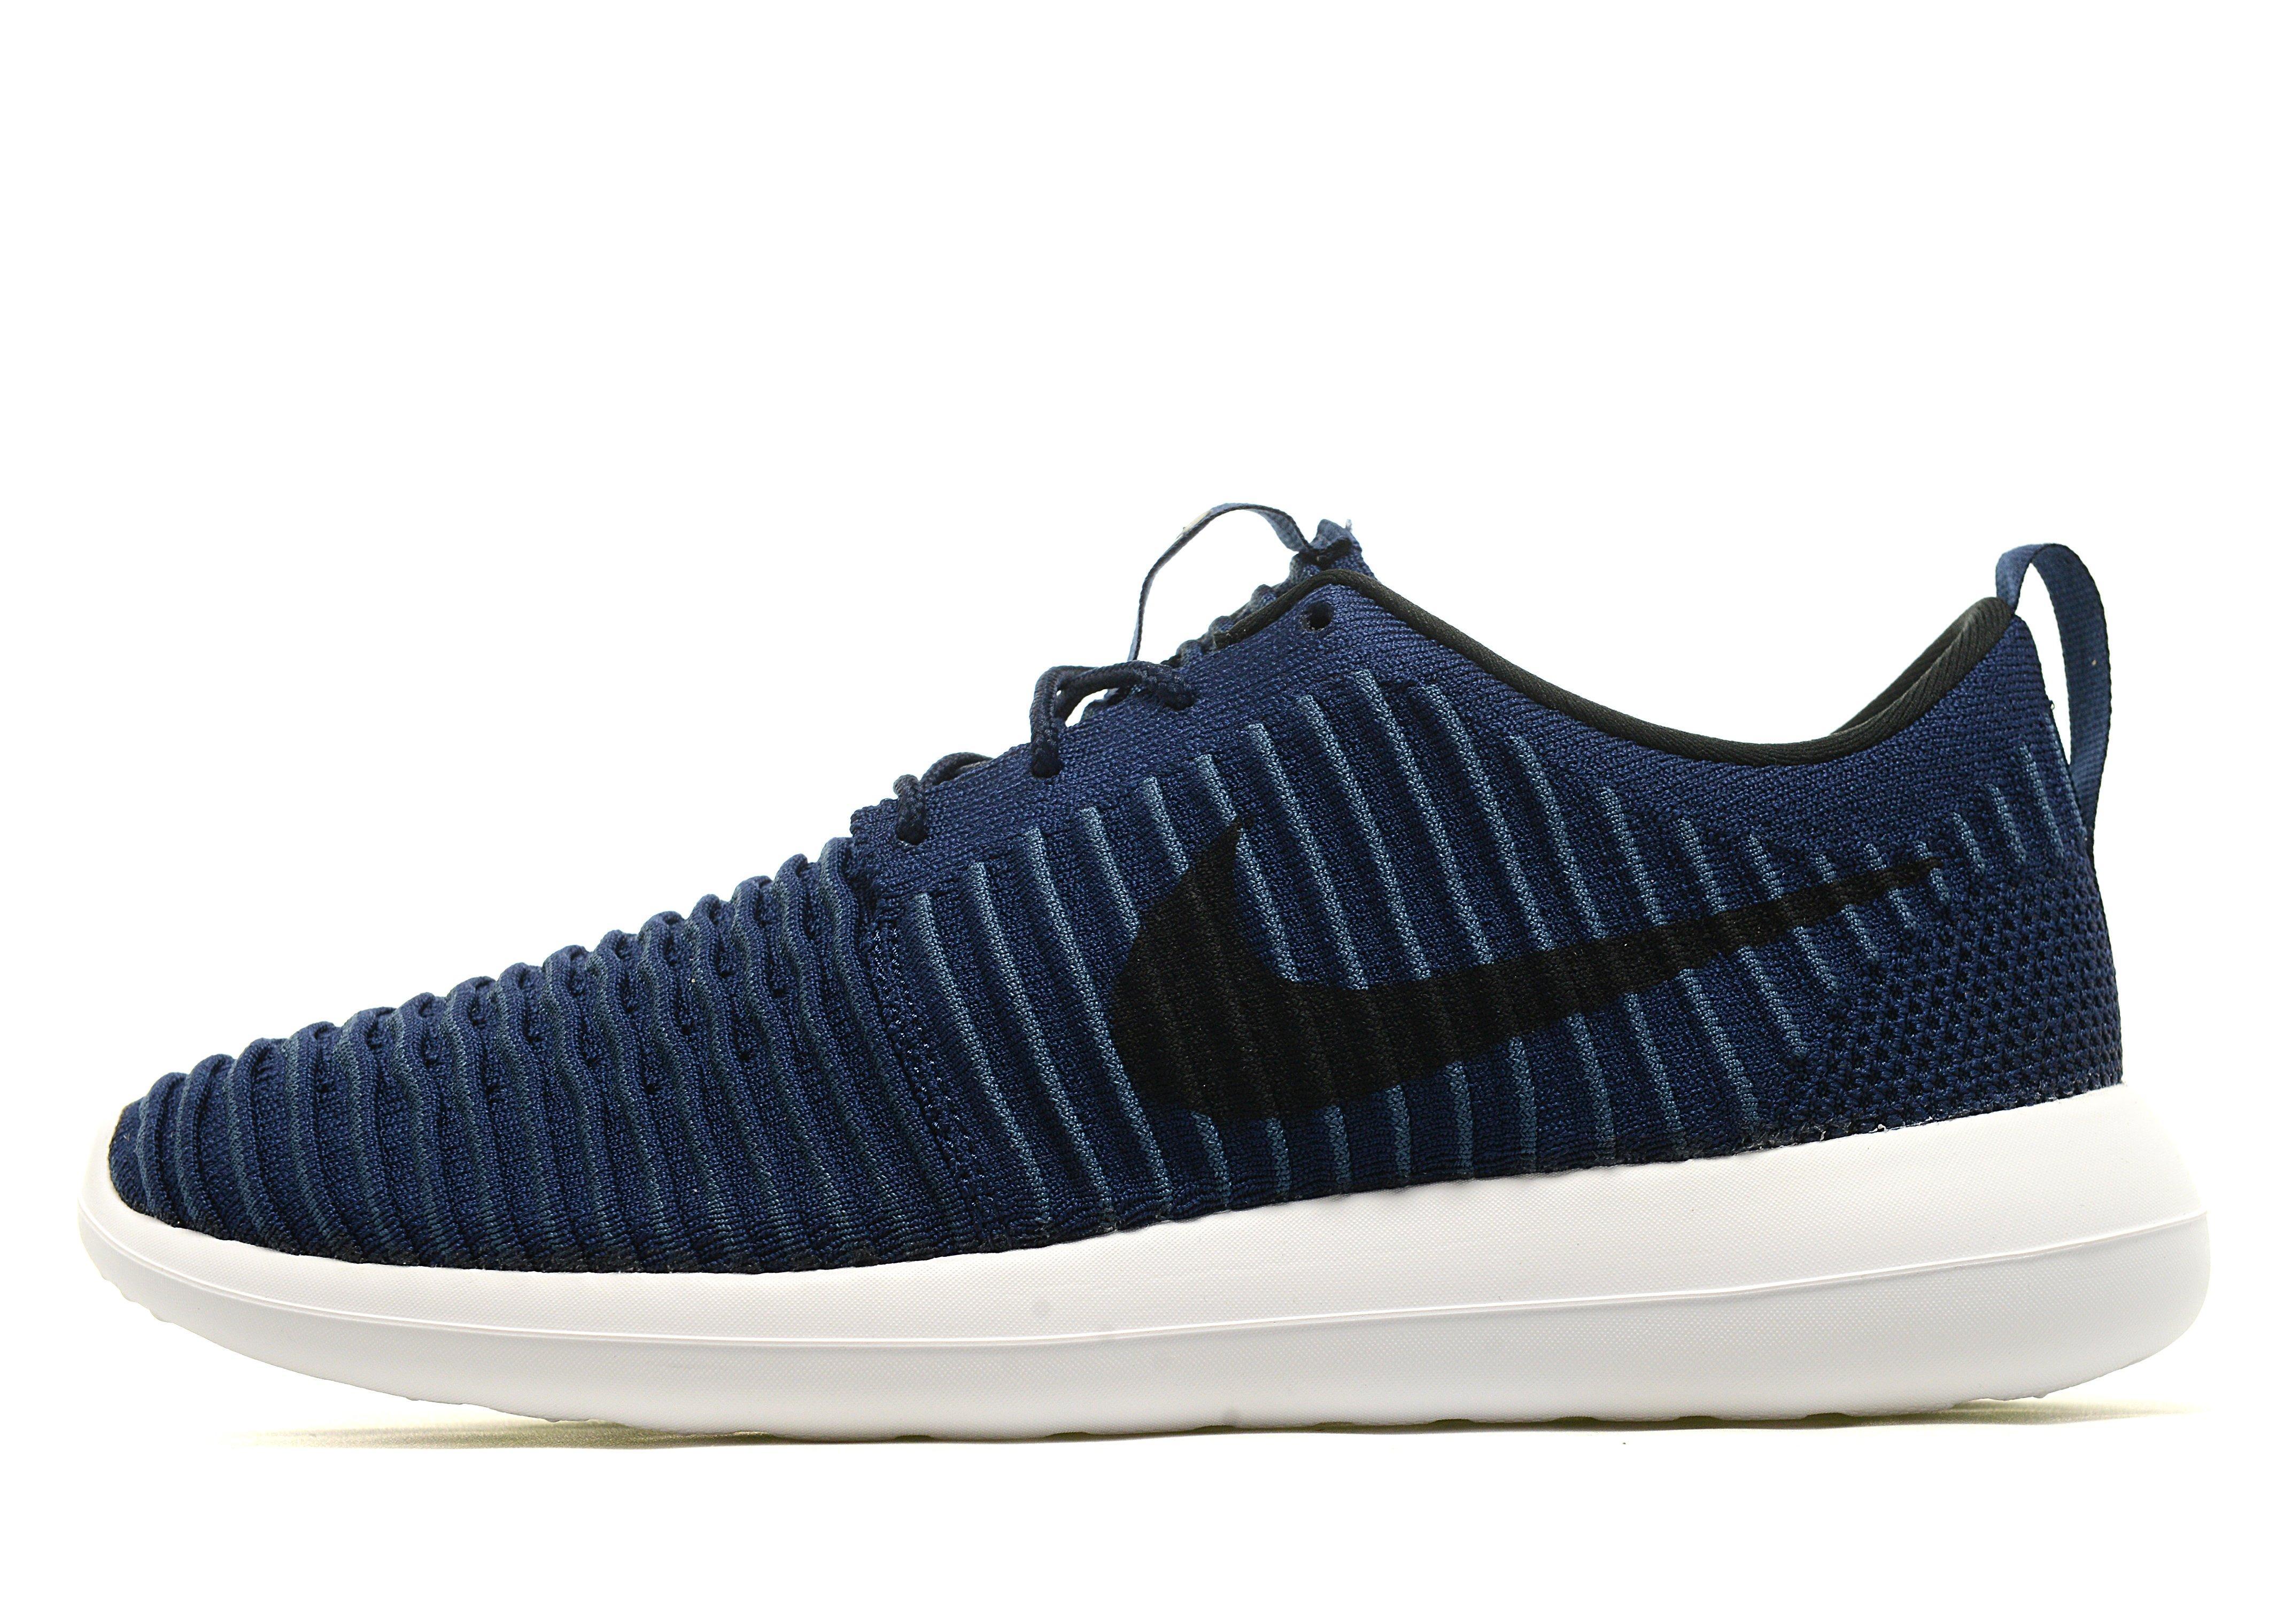 Nike Roshe Flyknit Comprar En Ligne Brasil